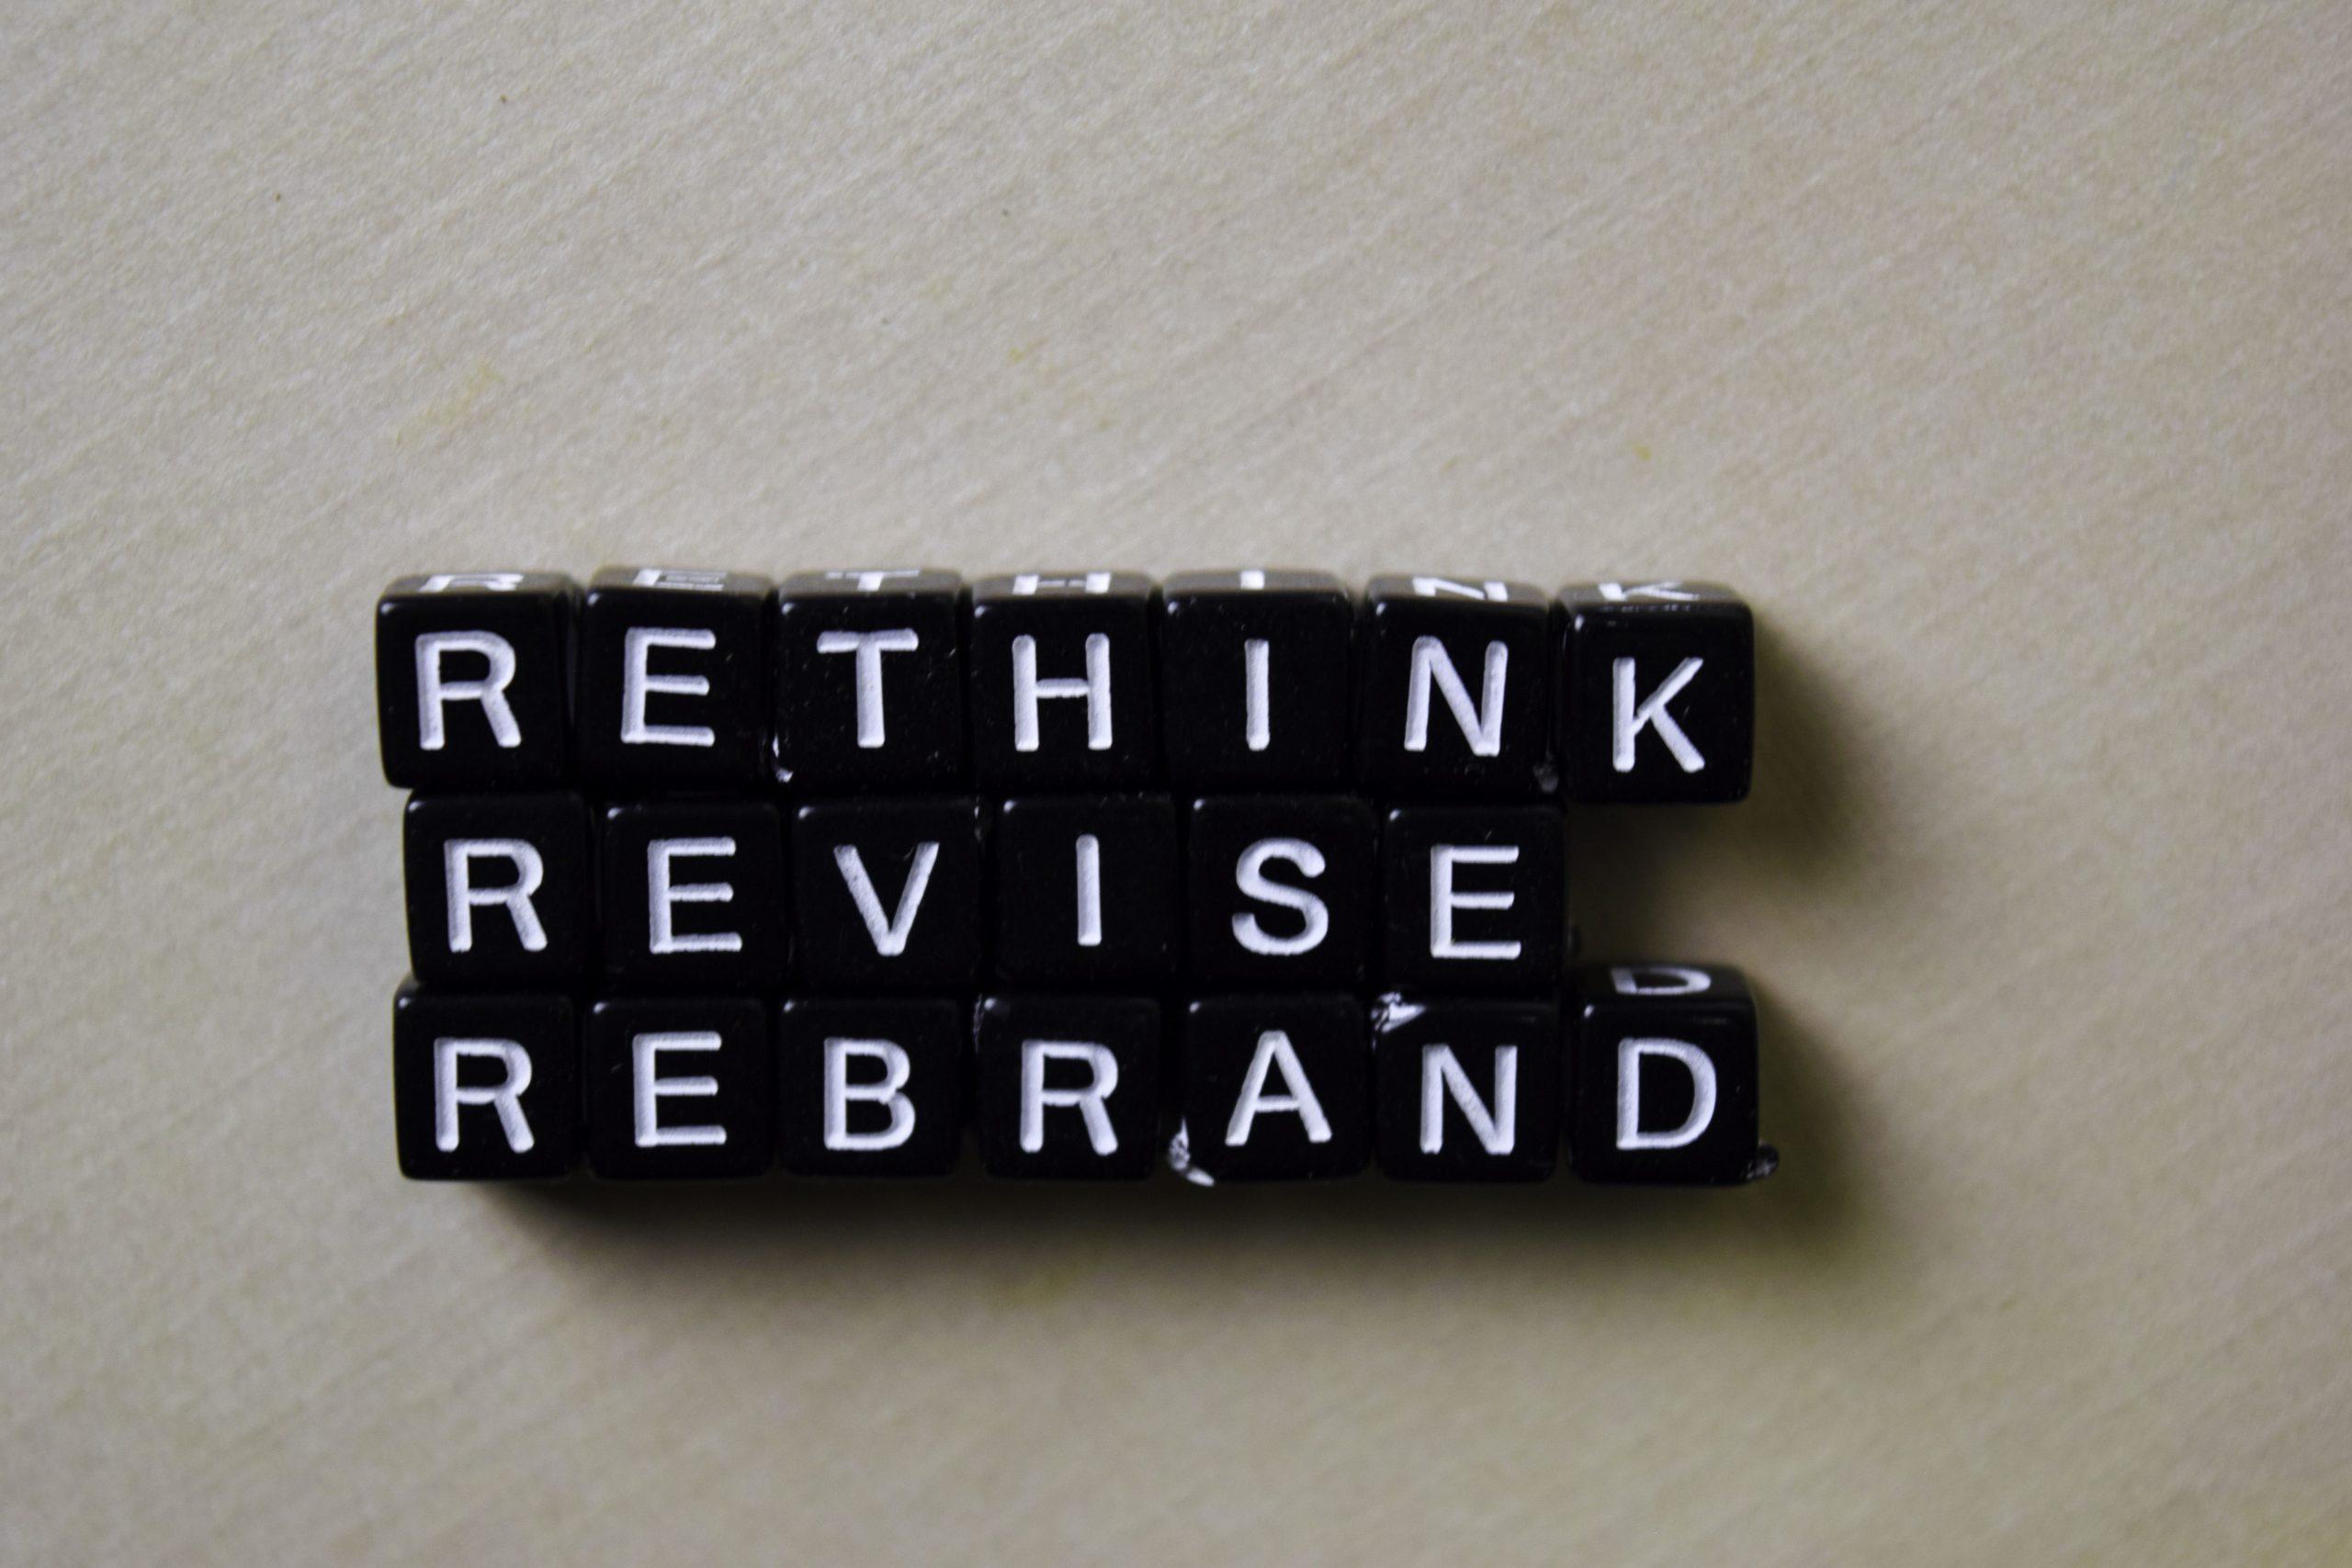 The art of rebranding